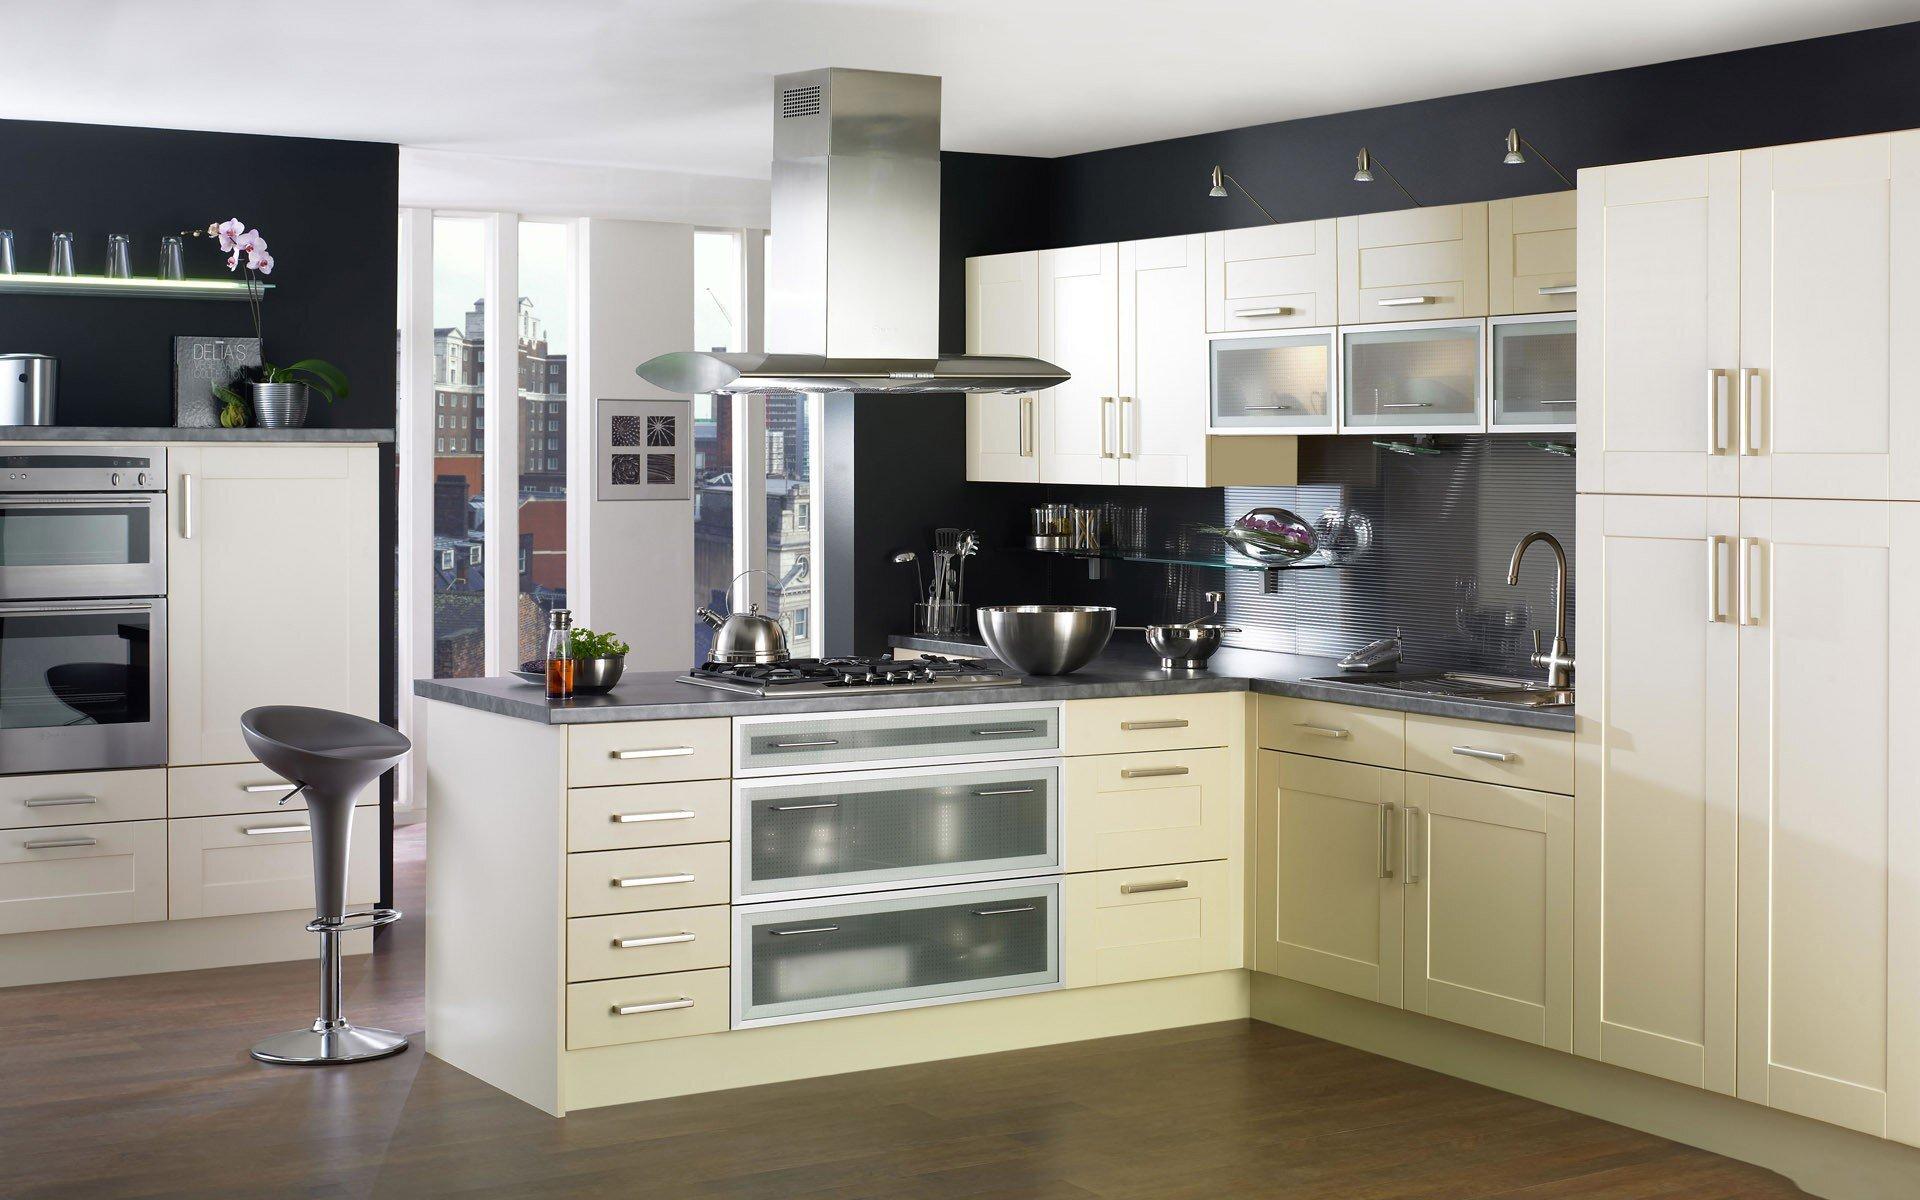 Máy hút mùi là một trong những thiết bị bếp không thể thiếu trong mọi gian bếp hiện đại